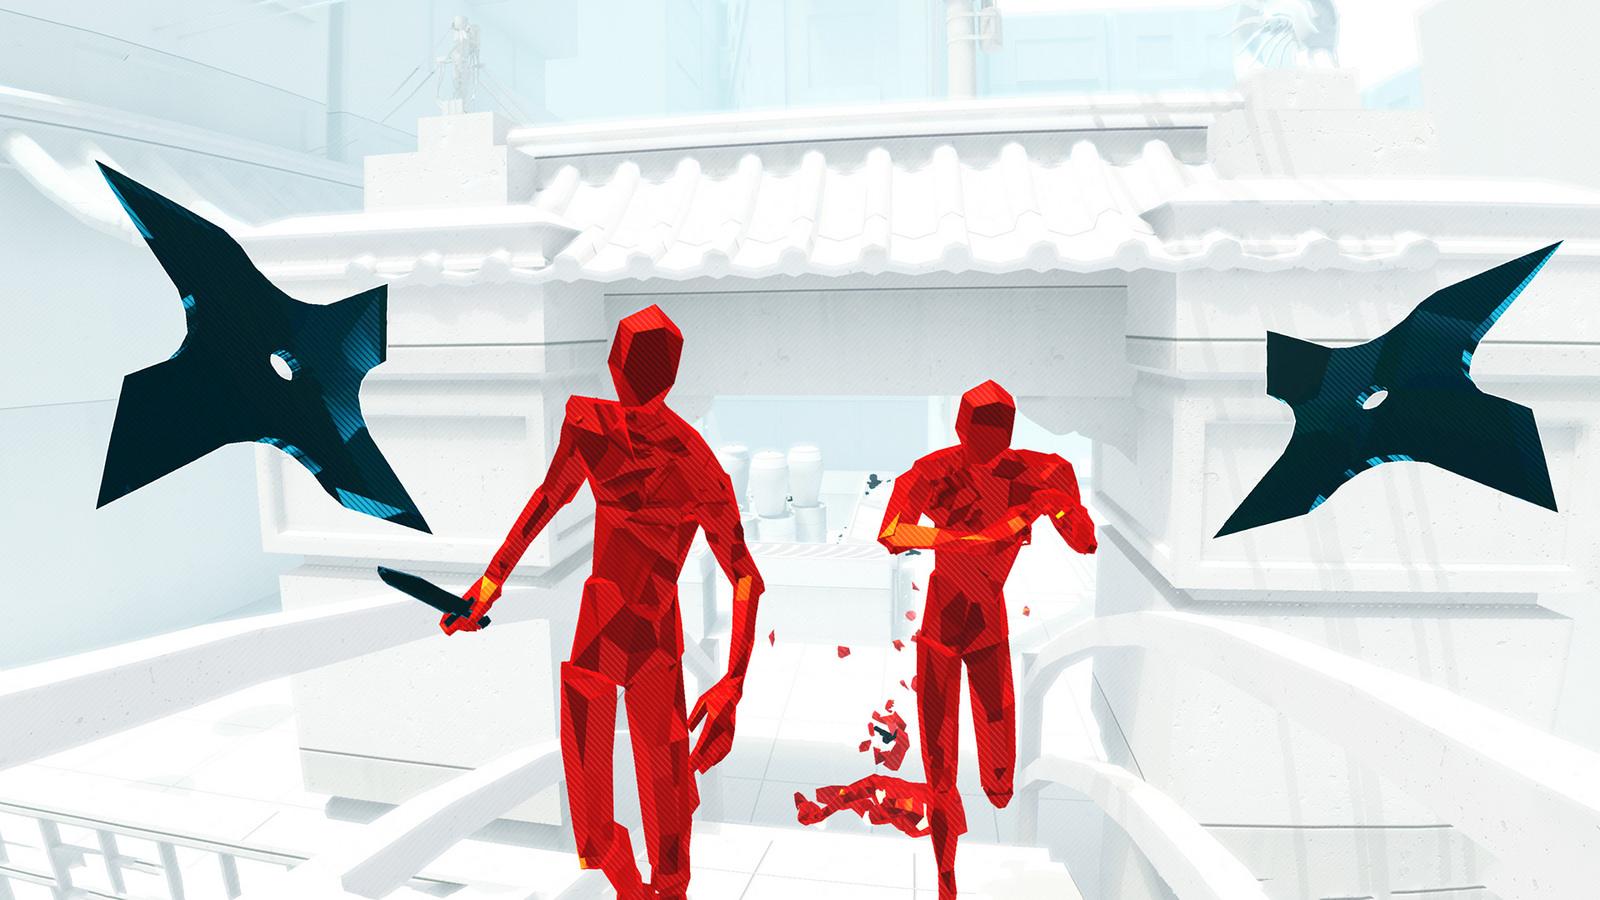 deux ennemis en rouge approchent du joueur, l'un est armé d'un couteau, il y a deux shurikens de part et d'autre du joueur